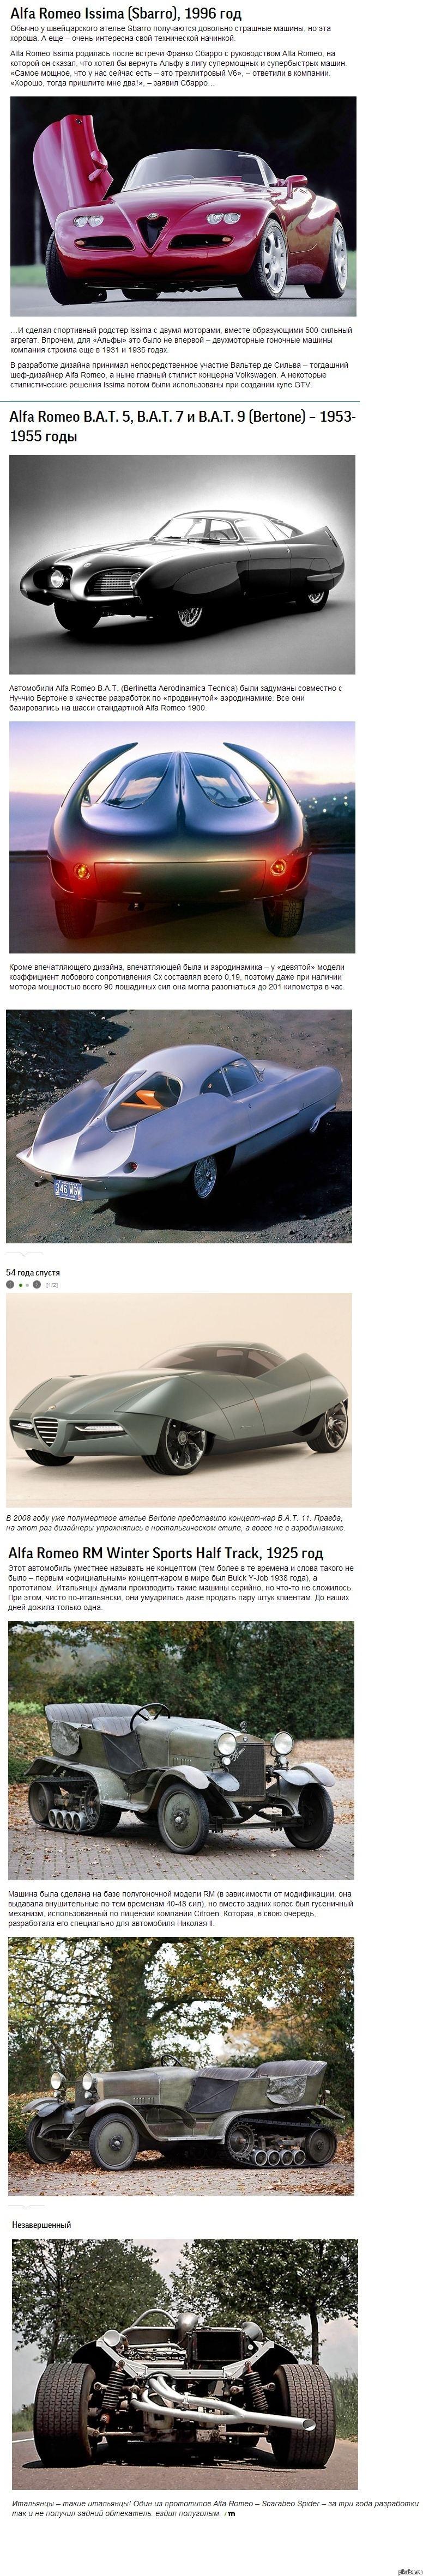 Тринадцать концепт-каров Alfa Romeo 3/3 Внимание: длинная картинка.  (На авторство не претендую, вырезал и склеил).